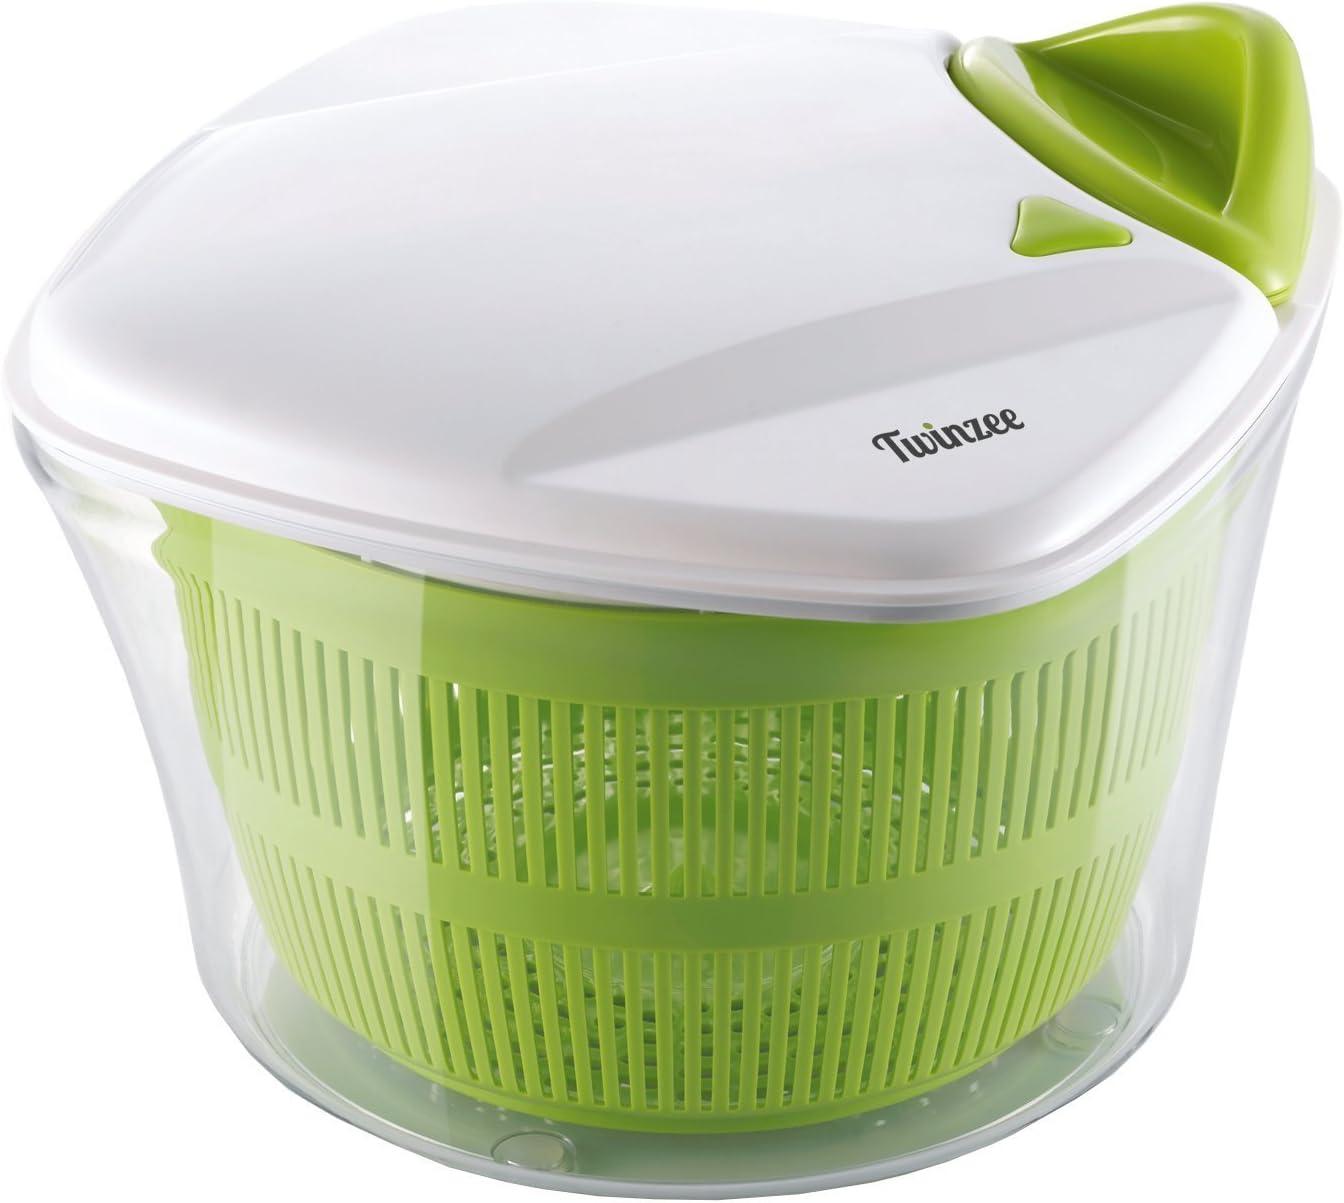 Twinzee - Essoreuse à Salade Grande Capacité (5L) - Design Innovant - Poignée ergonomique et Bouton Stop